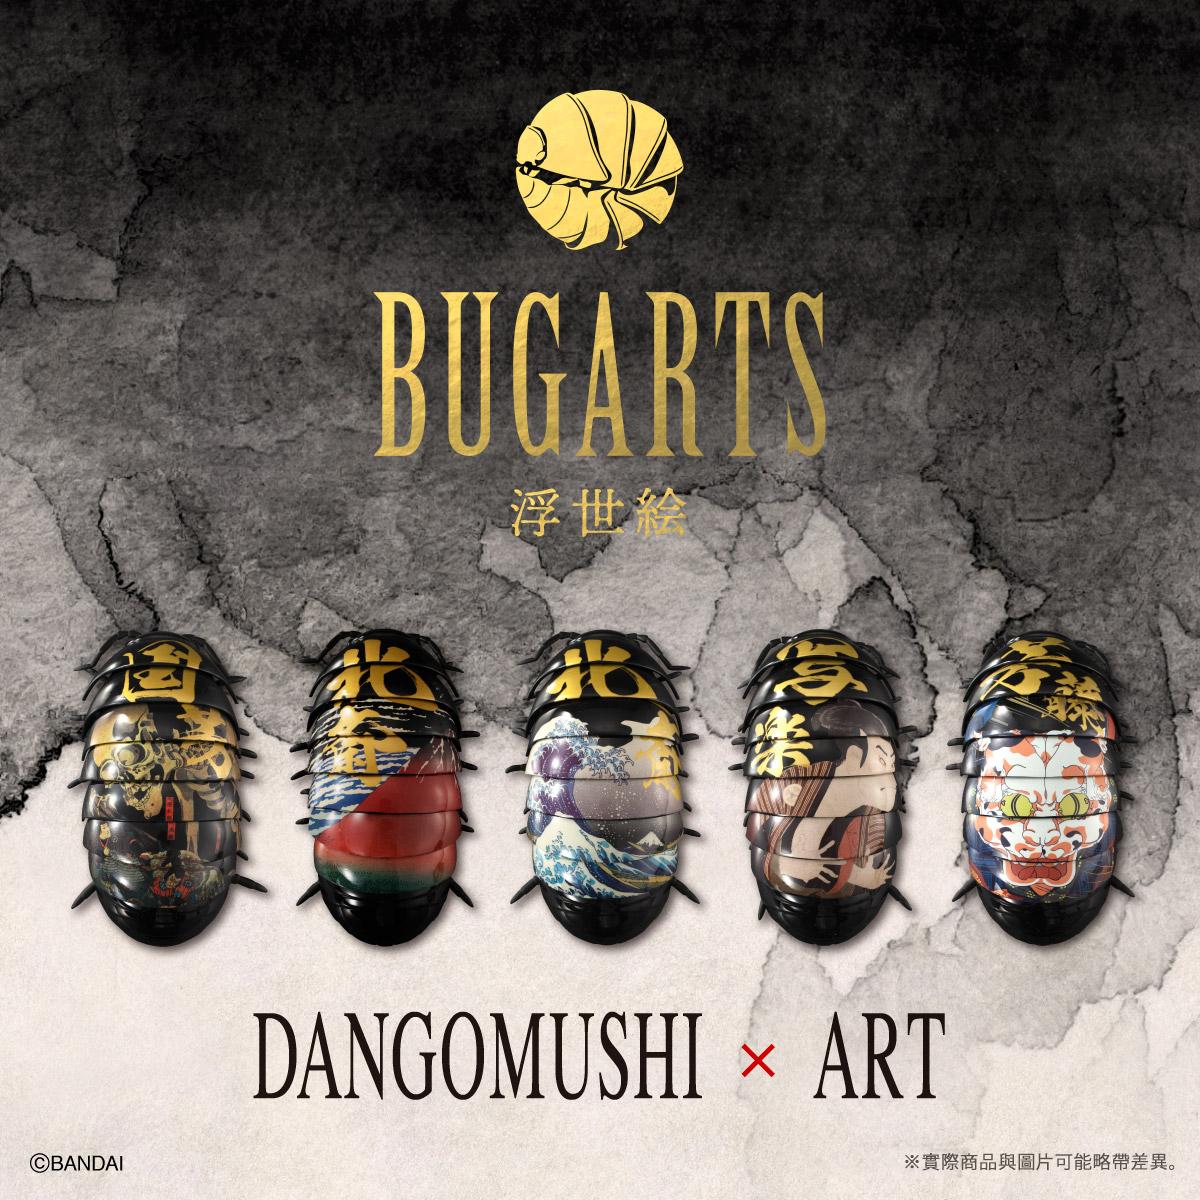 BUGARTS UKIYO-E